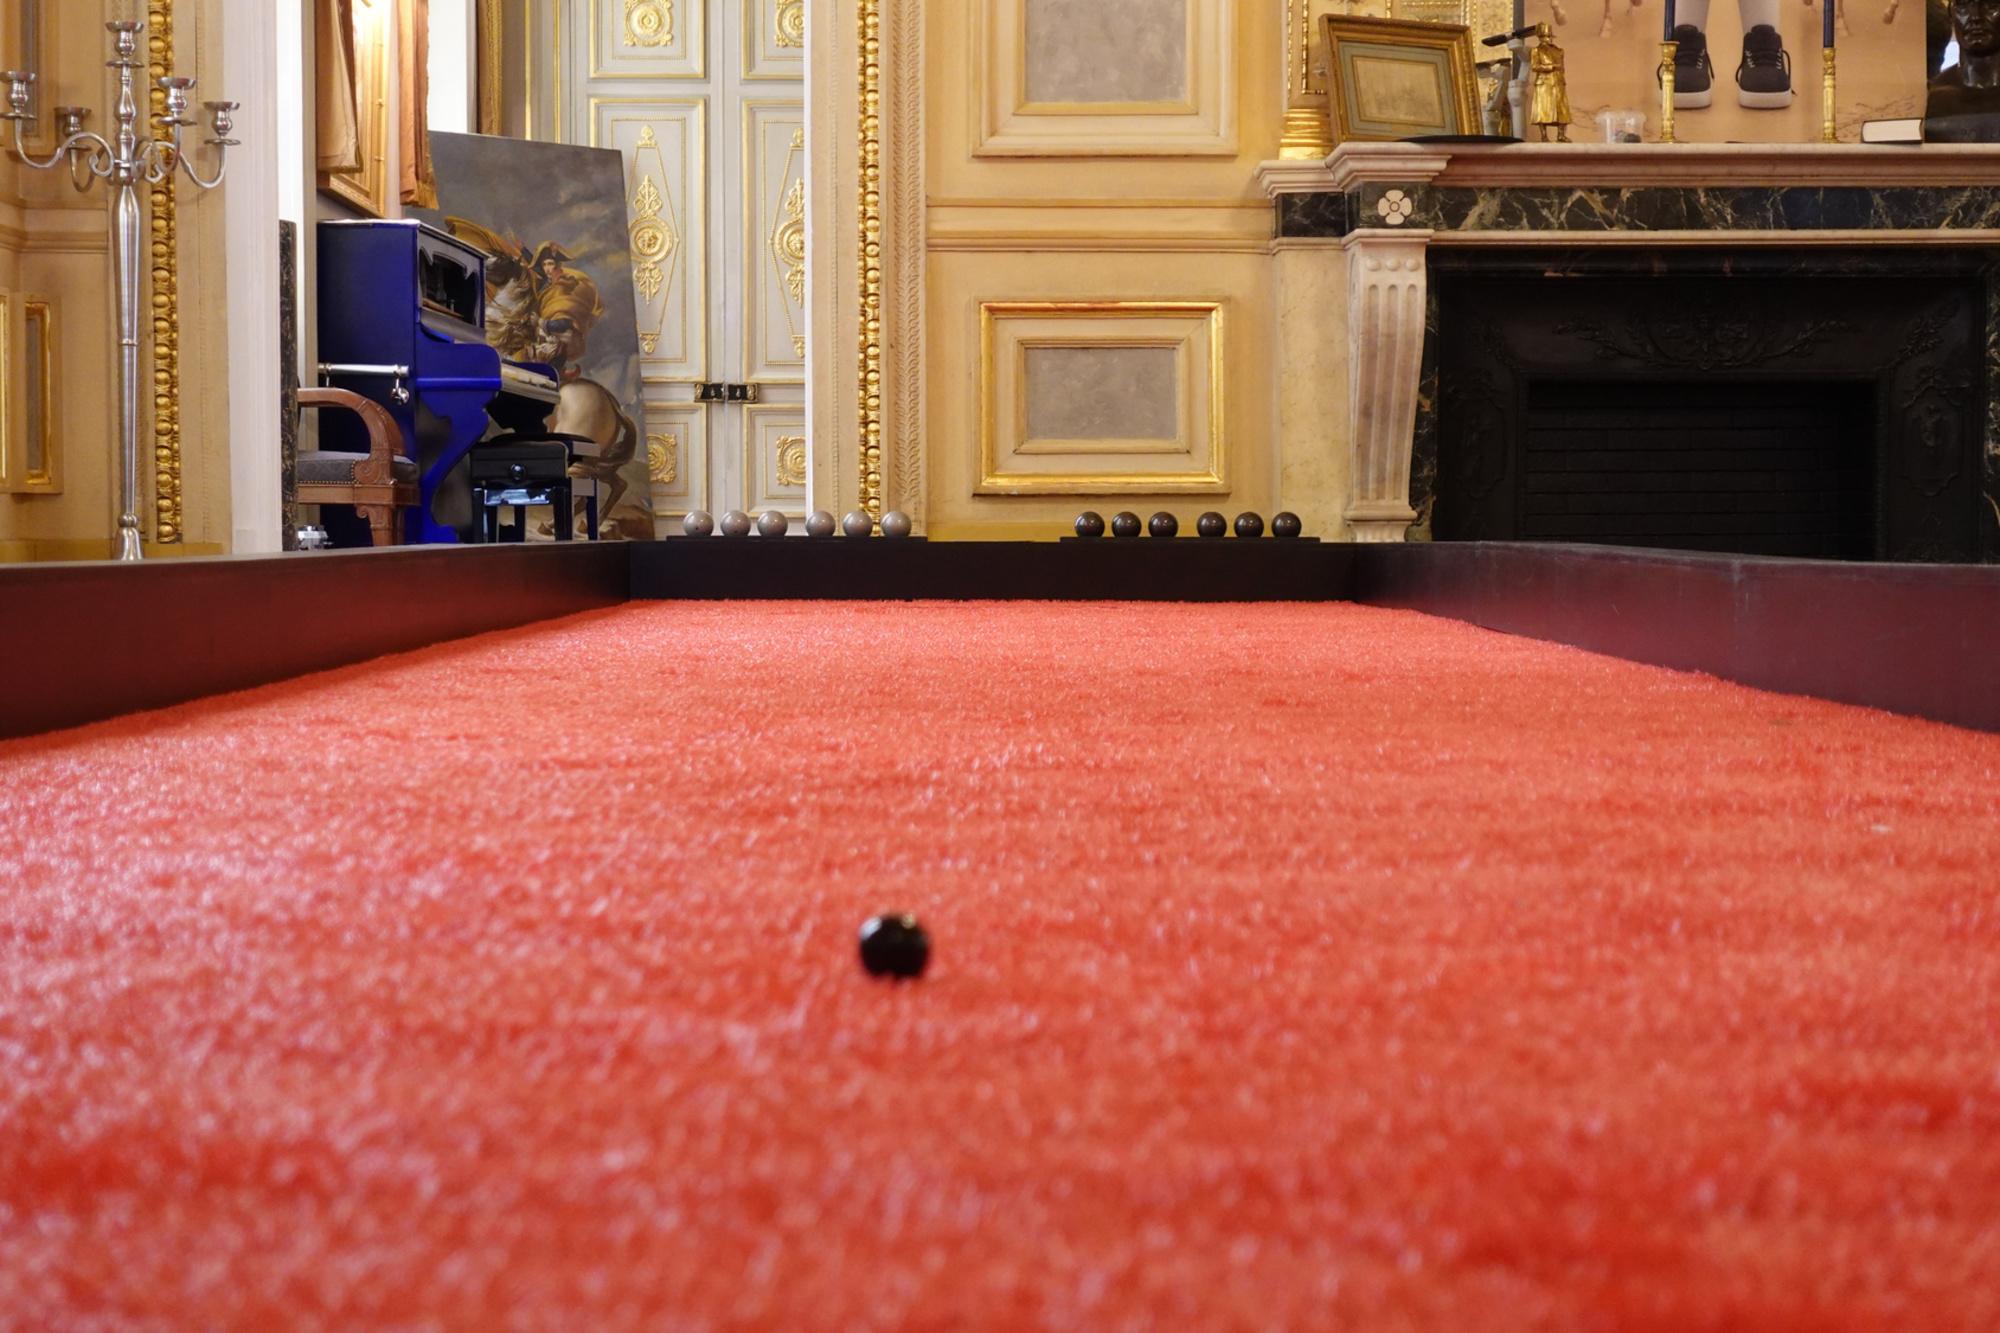 Disponible à l'exportation, la dernière installation de Boogle a eu lieu à Paris, au Palais Vivienne., Boogle